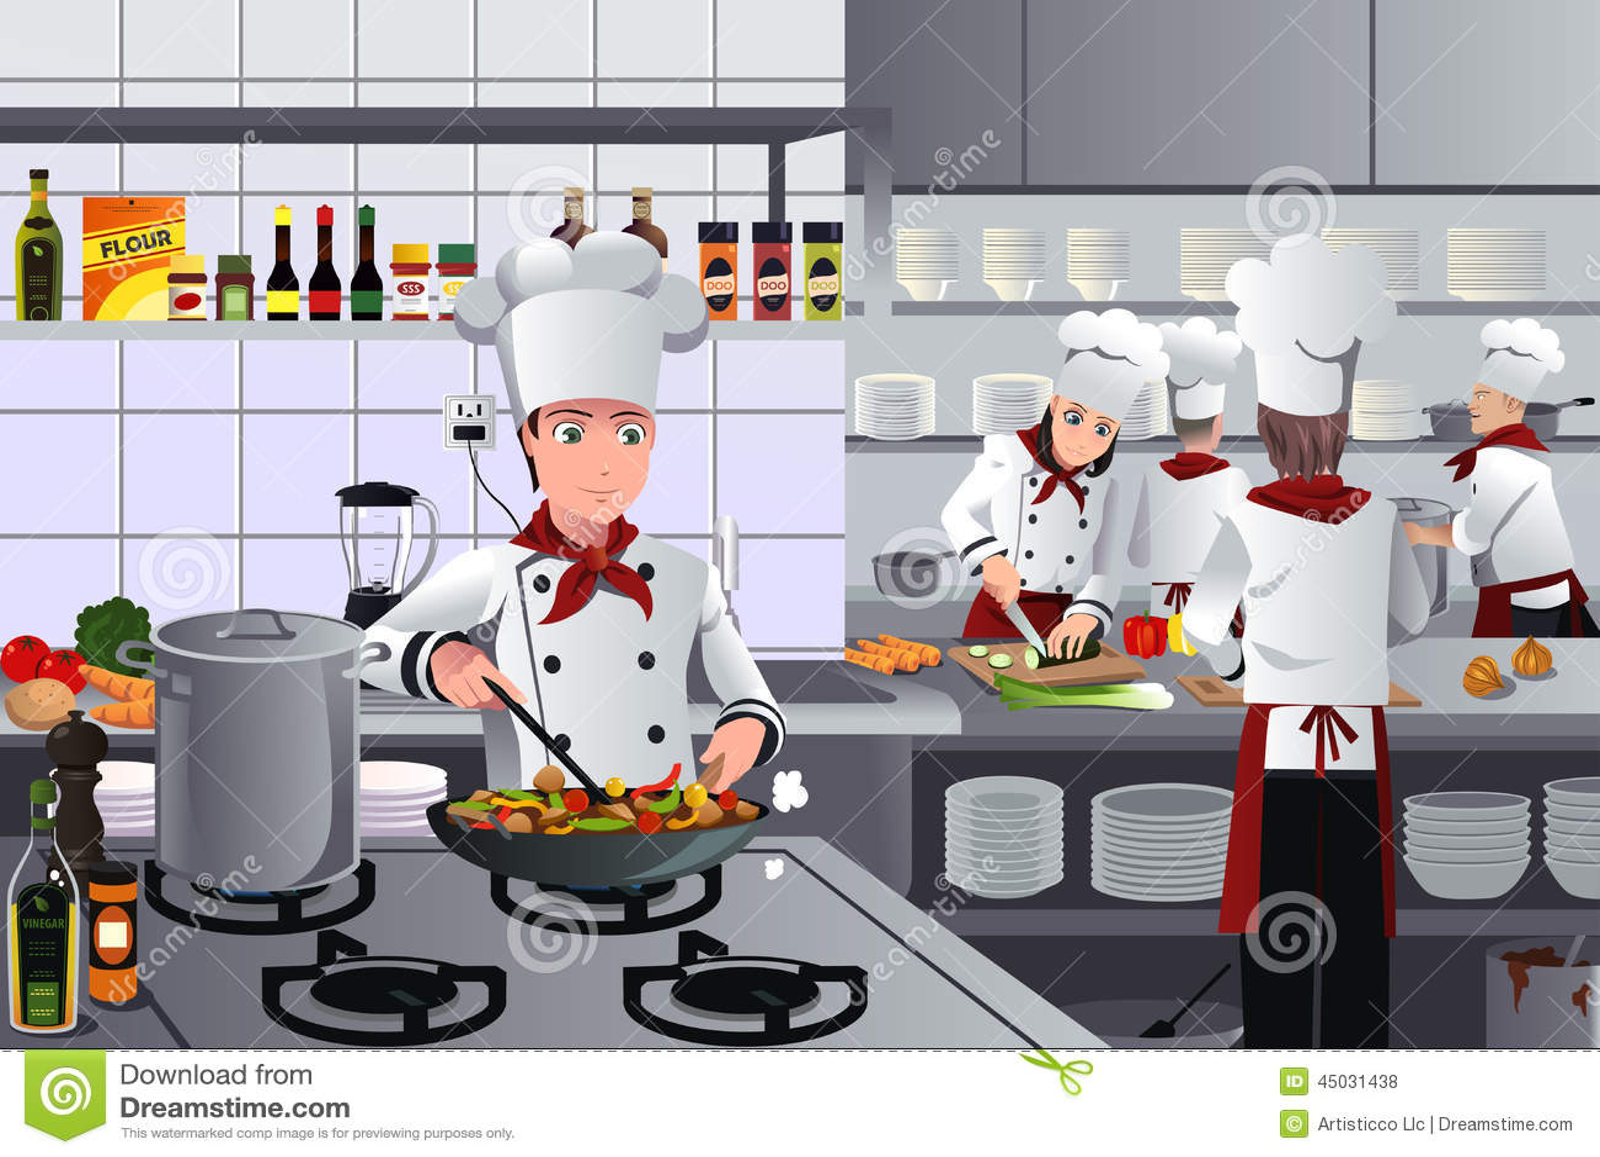 Inside A Restaurant Kitchen